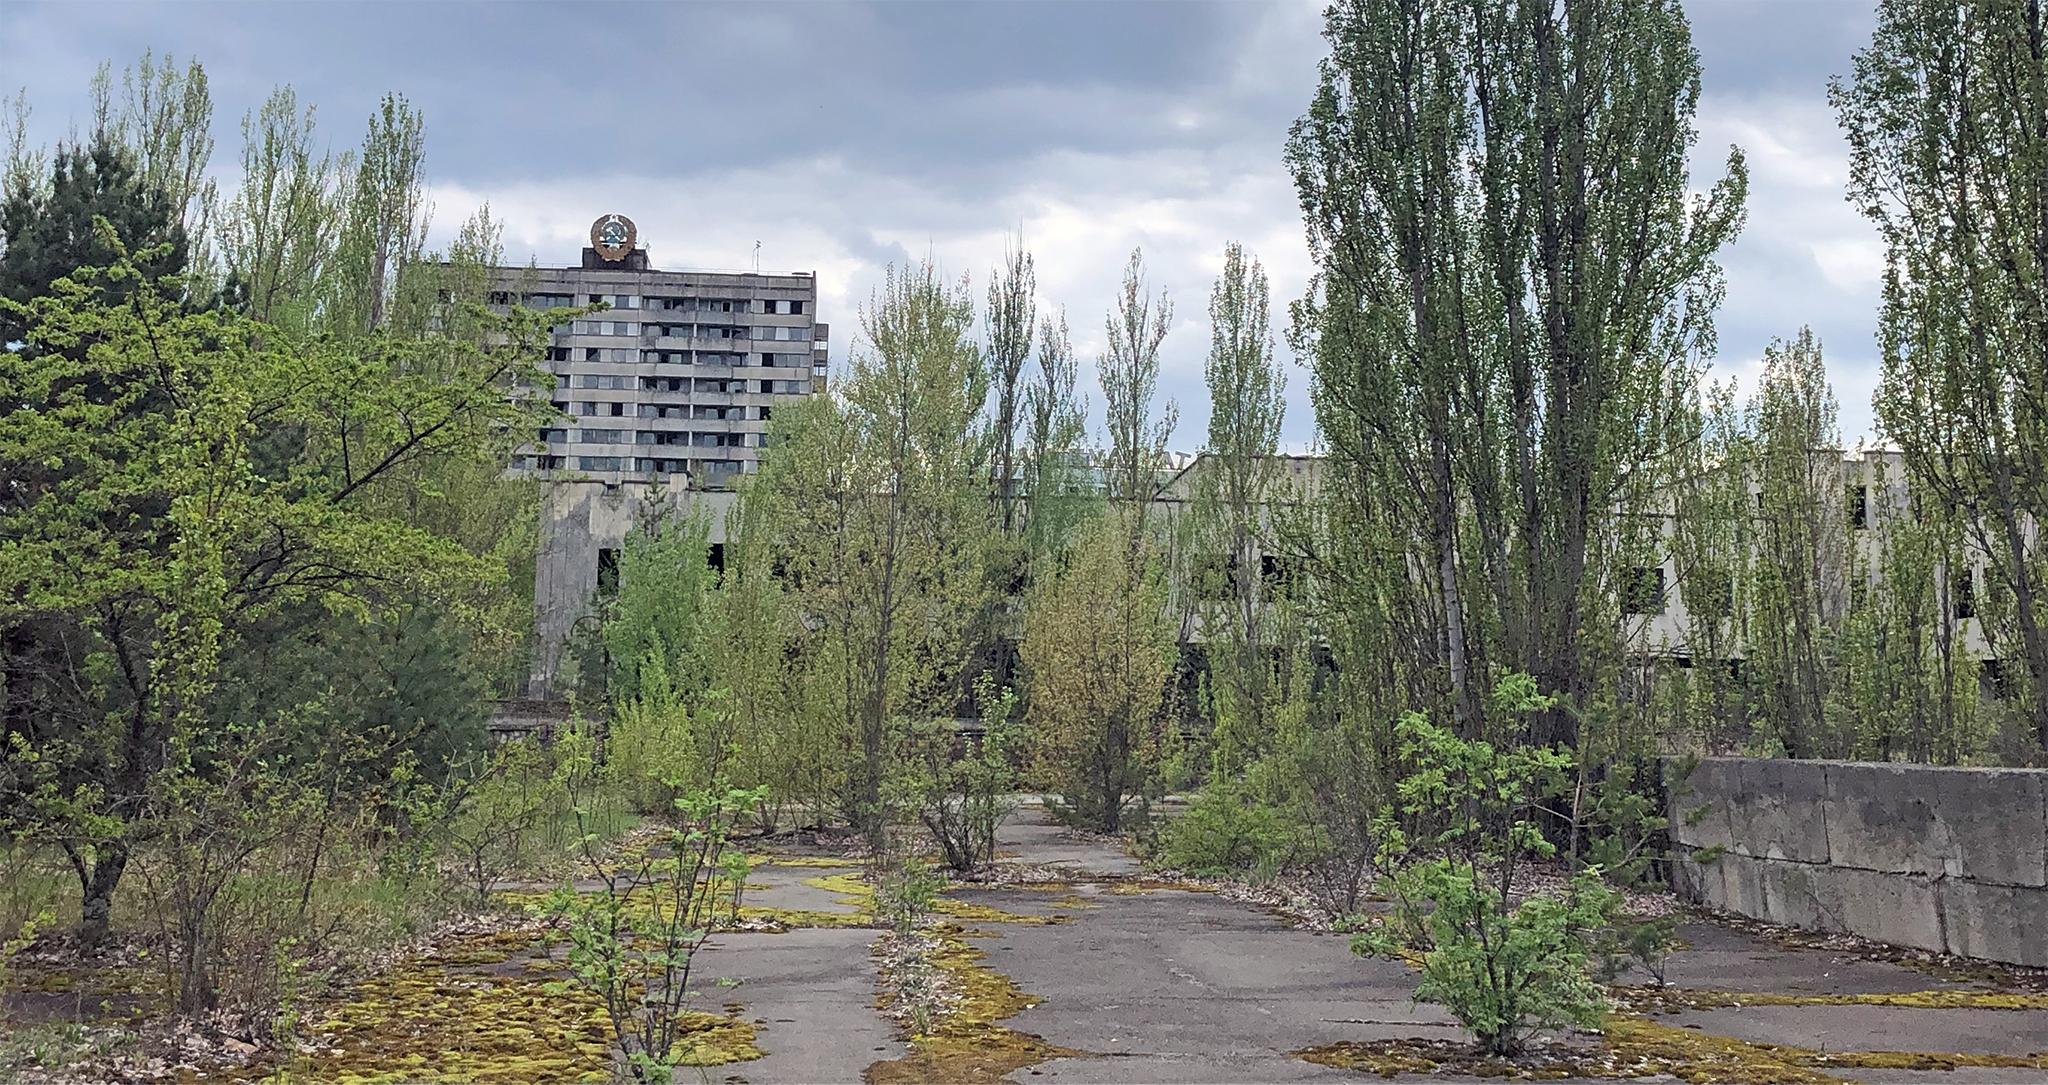 Visitar Chernóbil - Visitar Chernobyl Ucrania Ukraine Pripyat visitar chernóbil - 47045821604 23c7014faf o - Visitar Chernóbil: el lugar más contaminado del planeta